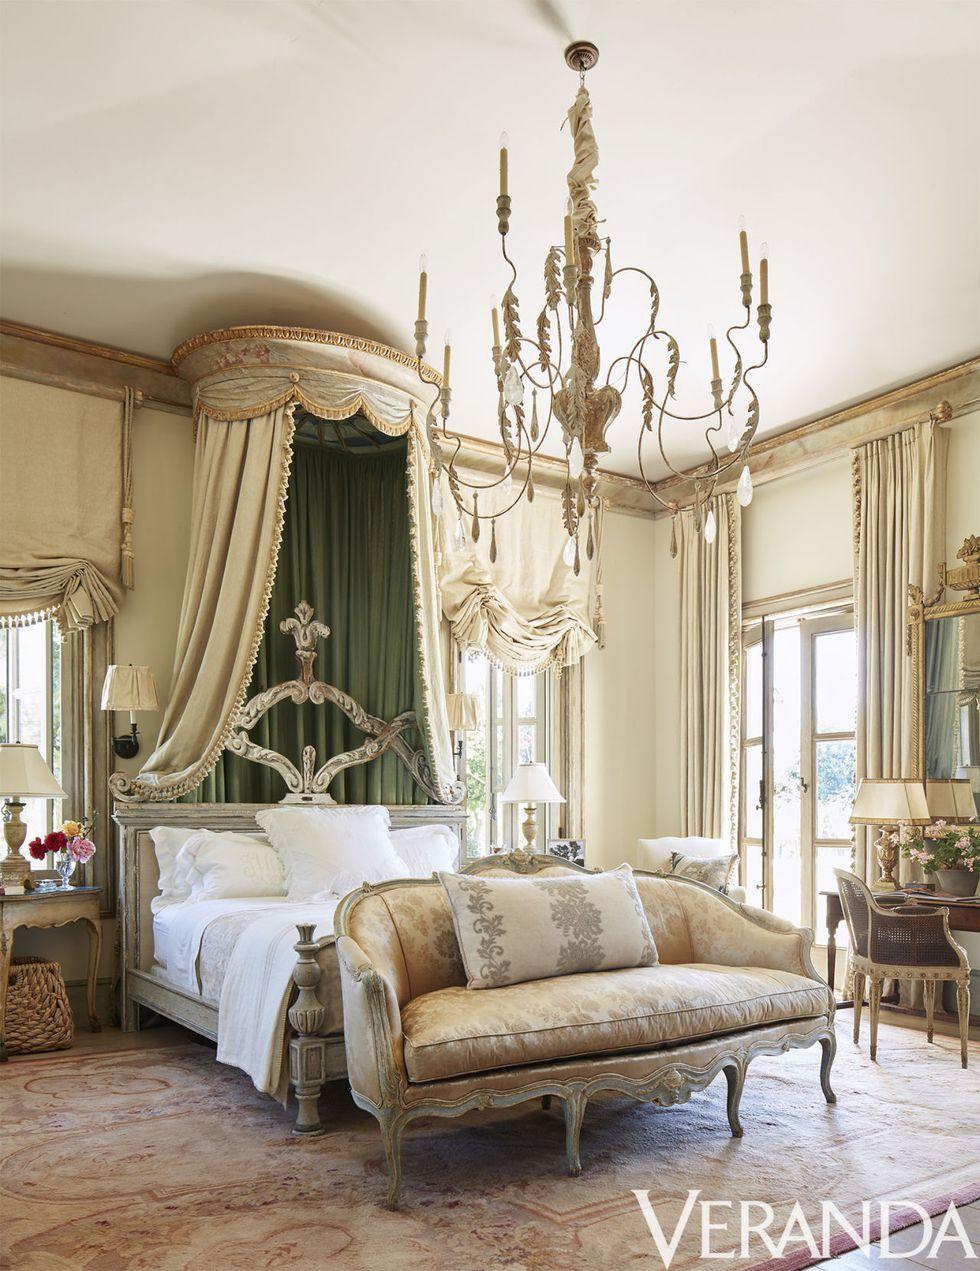 40 Best Bedroom Ideas   Beautiful Bedroom Decorating Tips